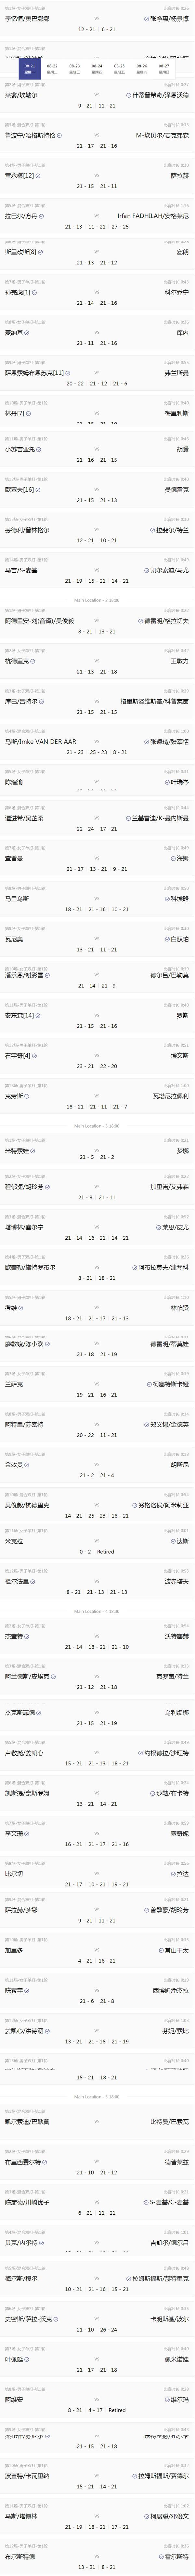 2017世界羽毛球锦标赛赛程时间安排表汇总